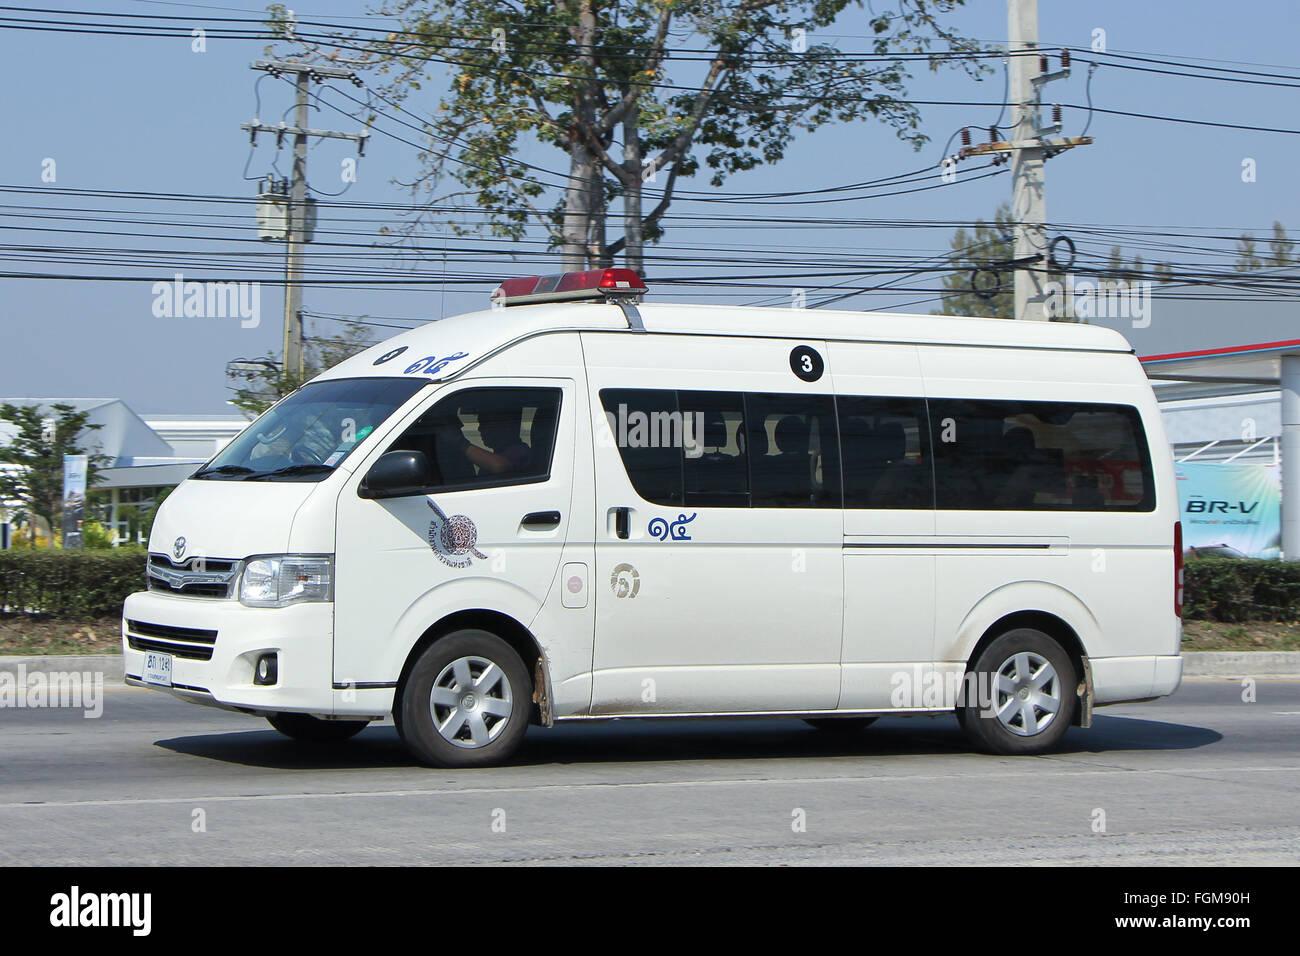 7022a544015c94 Thai Police Car Stock Photos   Thai Police Car Stock Images - Alamy